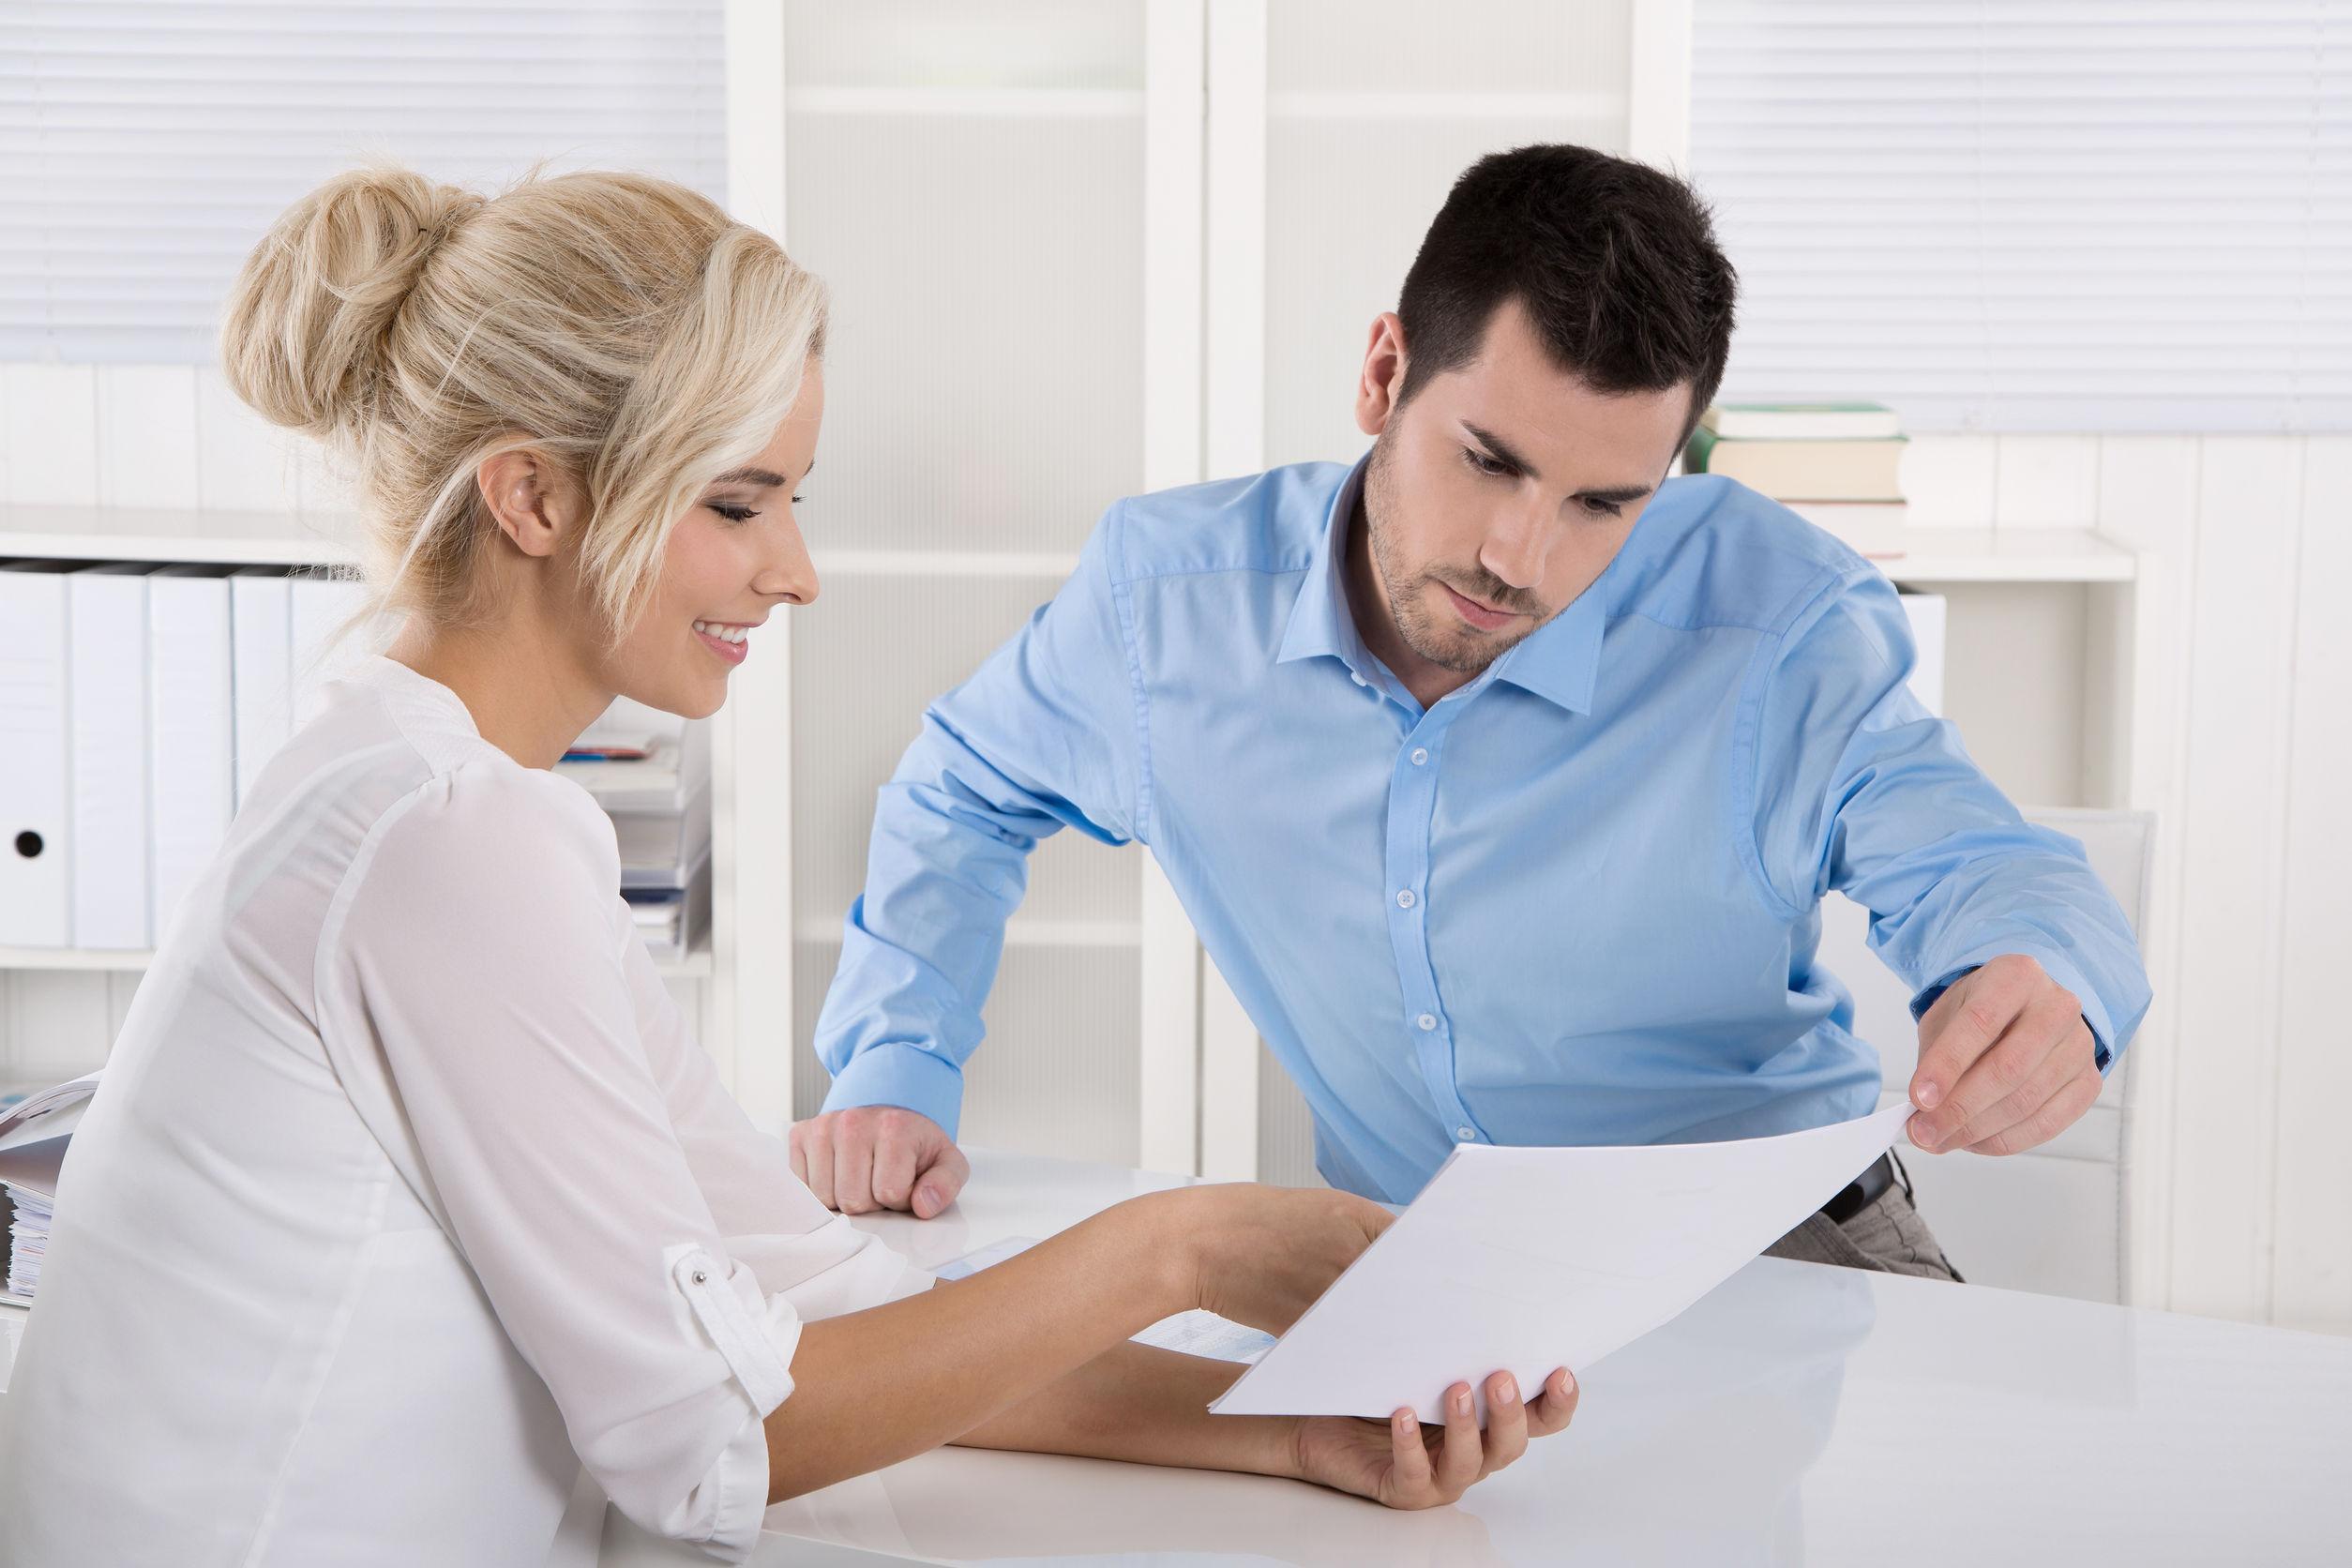 Egy fehér ruhás szőke nő, egy szerződést mutat egy kék inges férfinak.